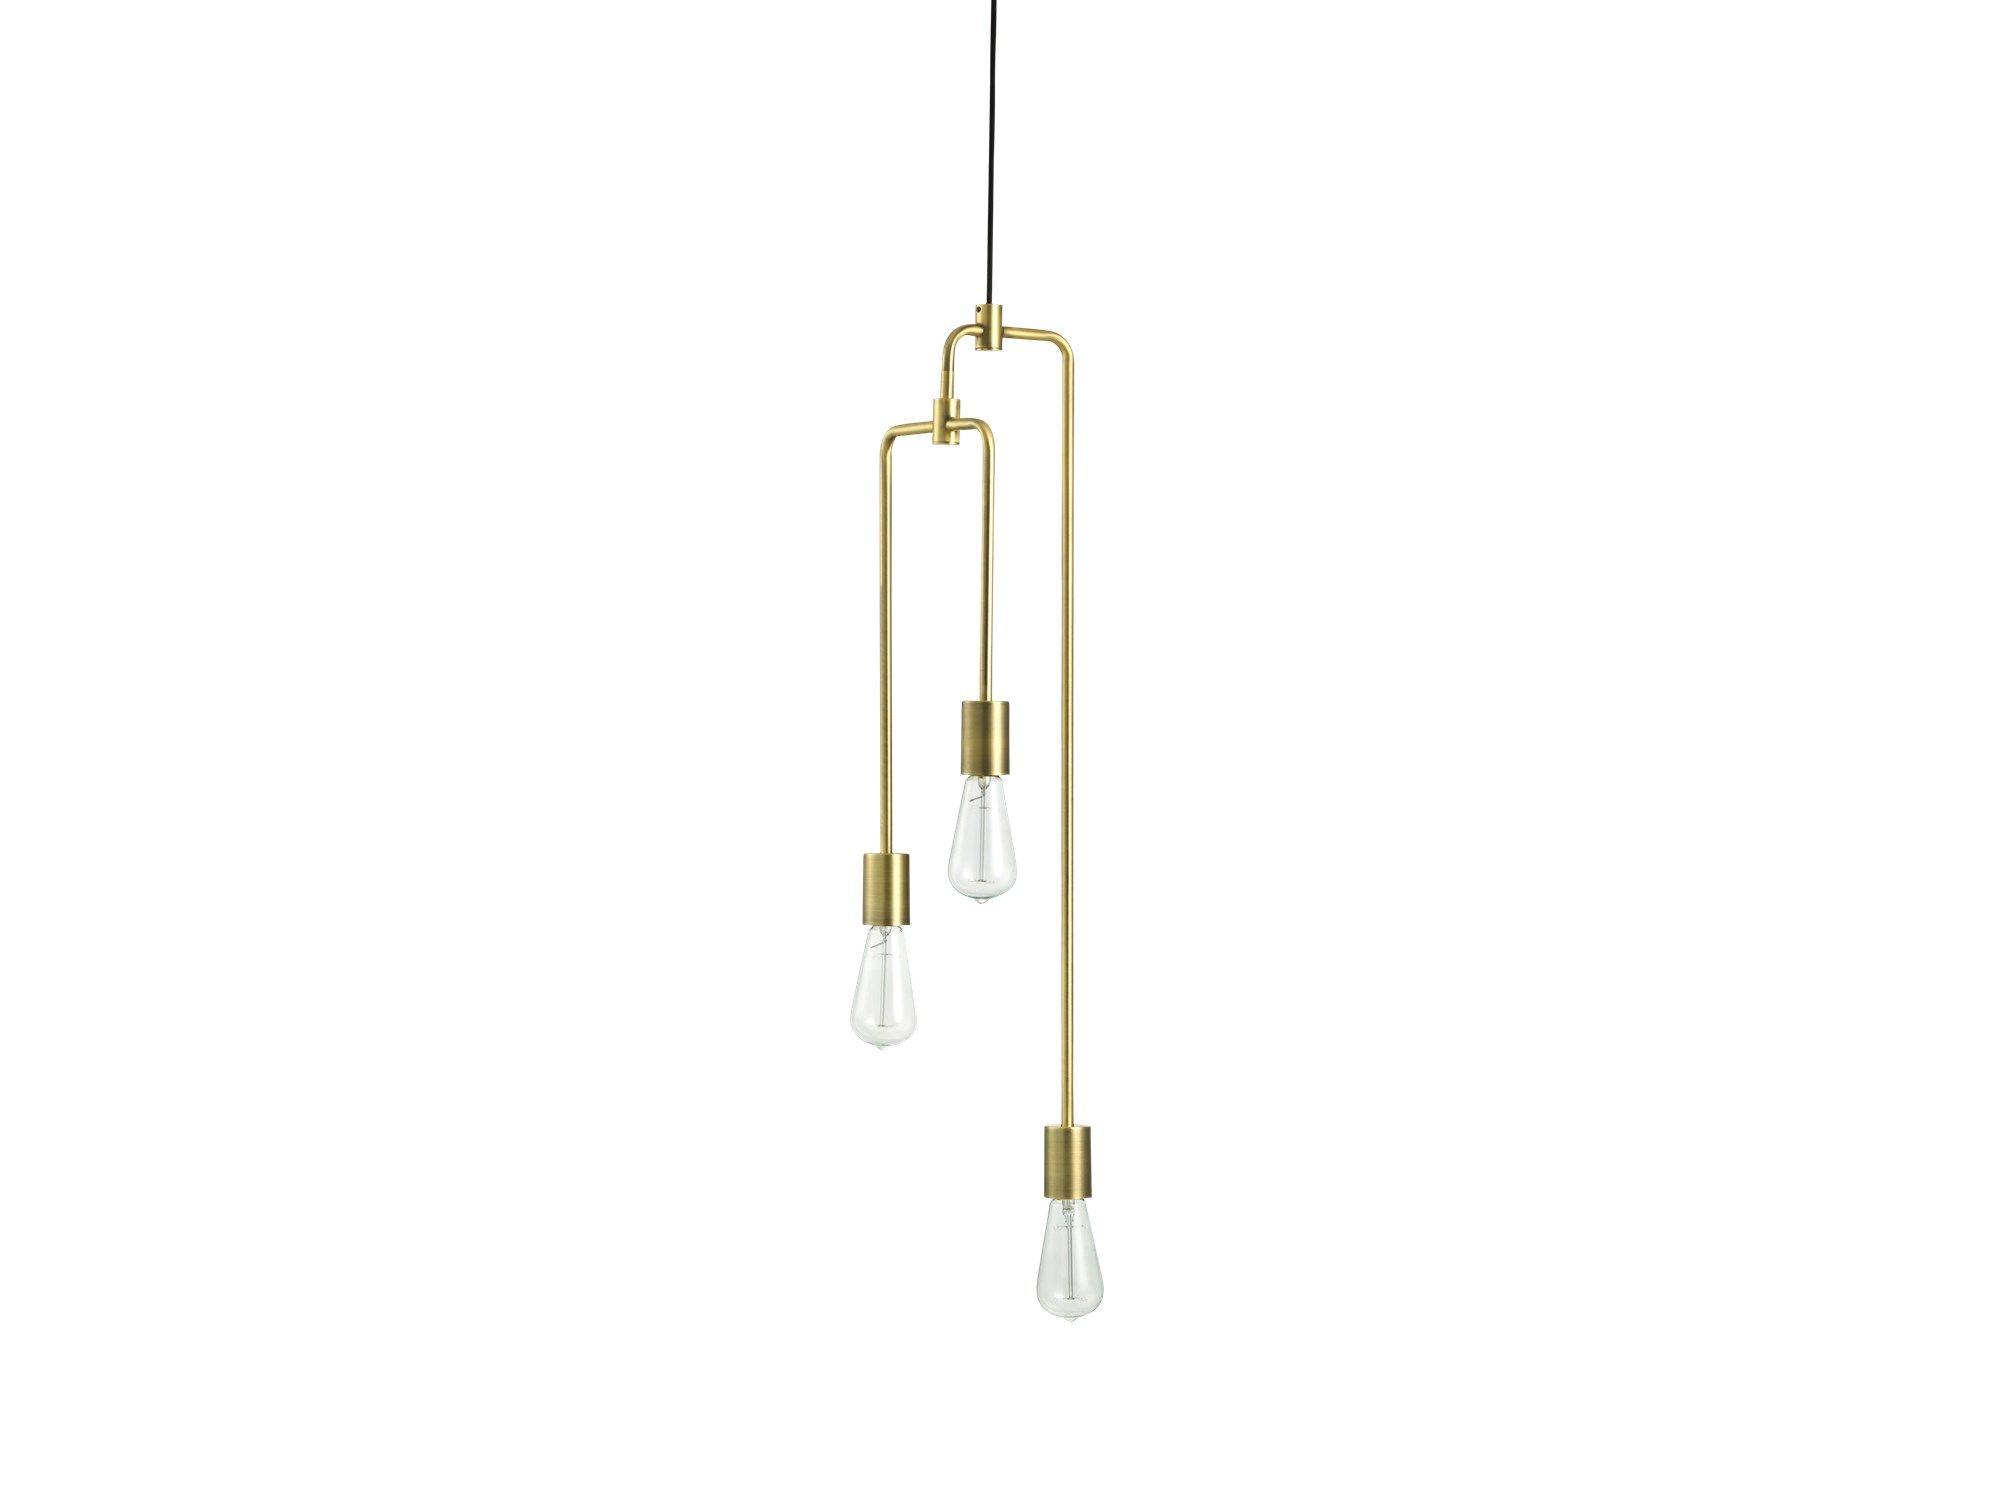 7cfbf522e87c94d7f5124ad8127b6d9e Schöne Was ist Eine Lampe Dekorationen